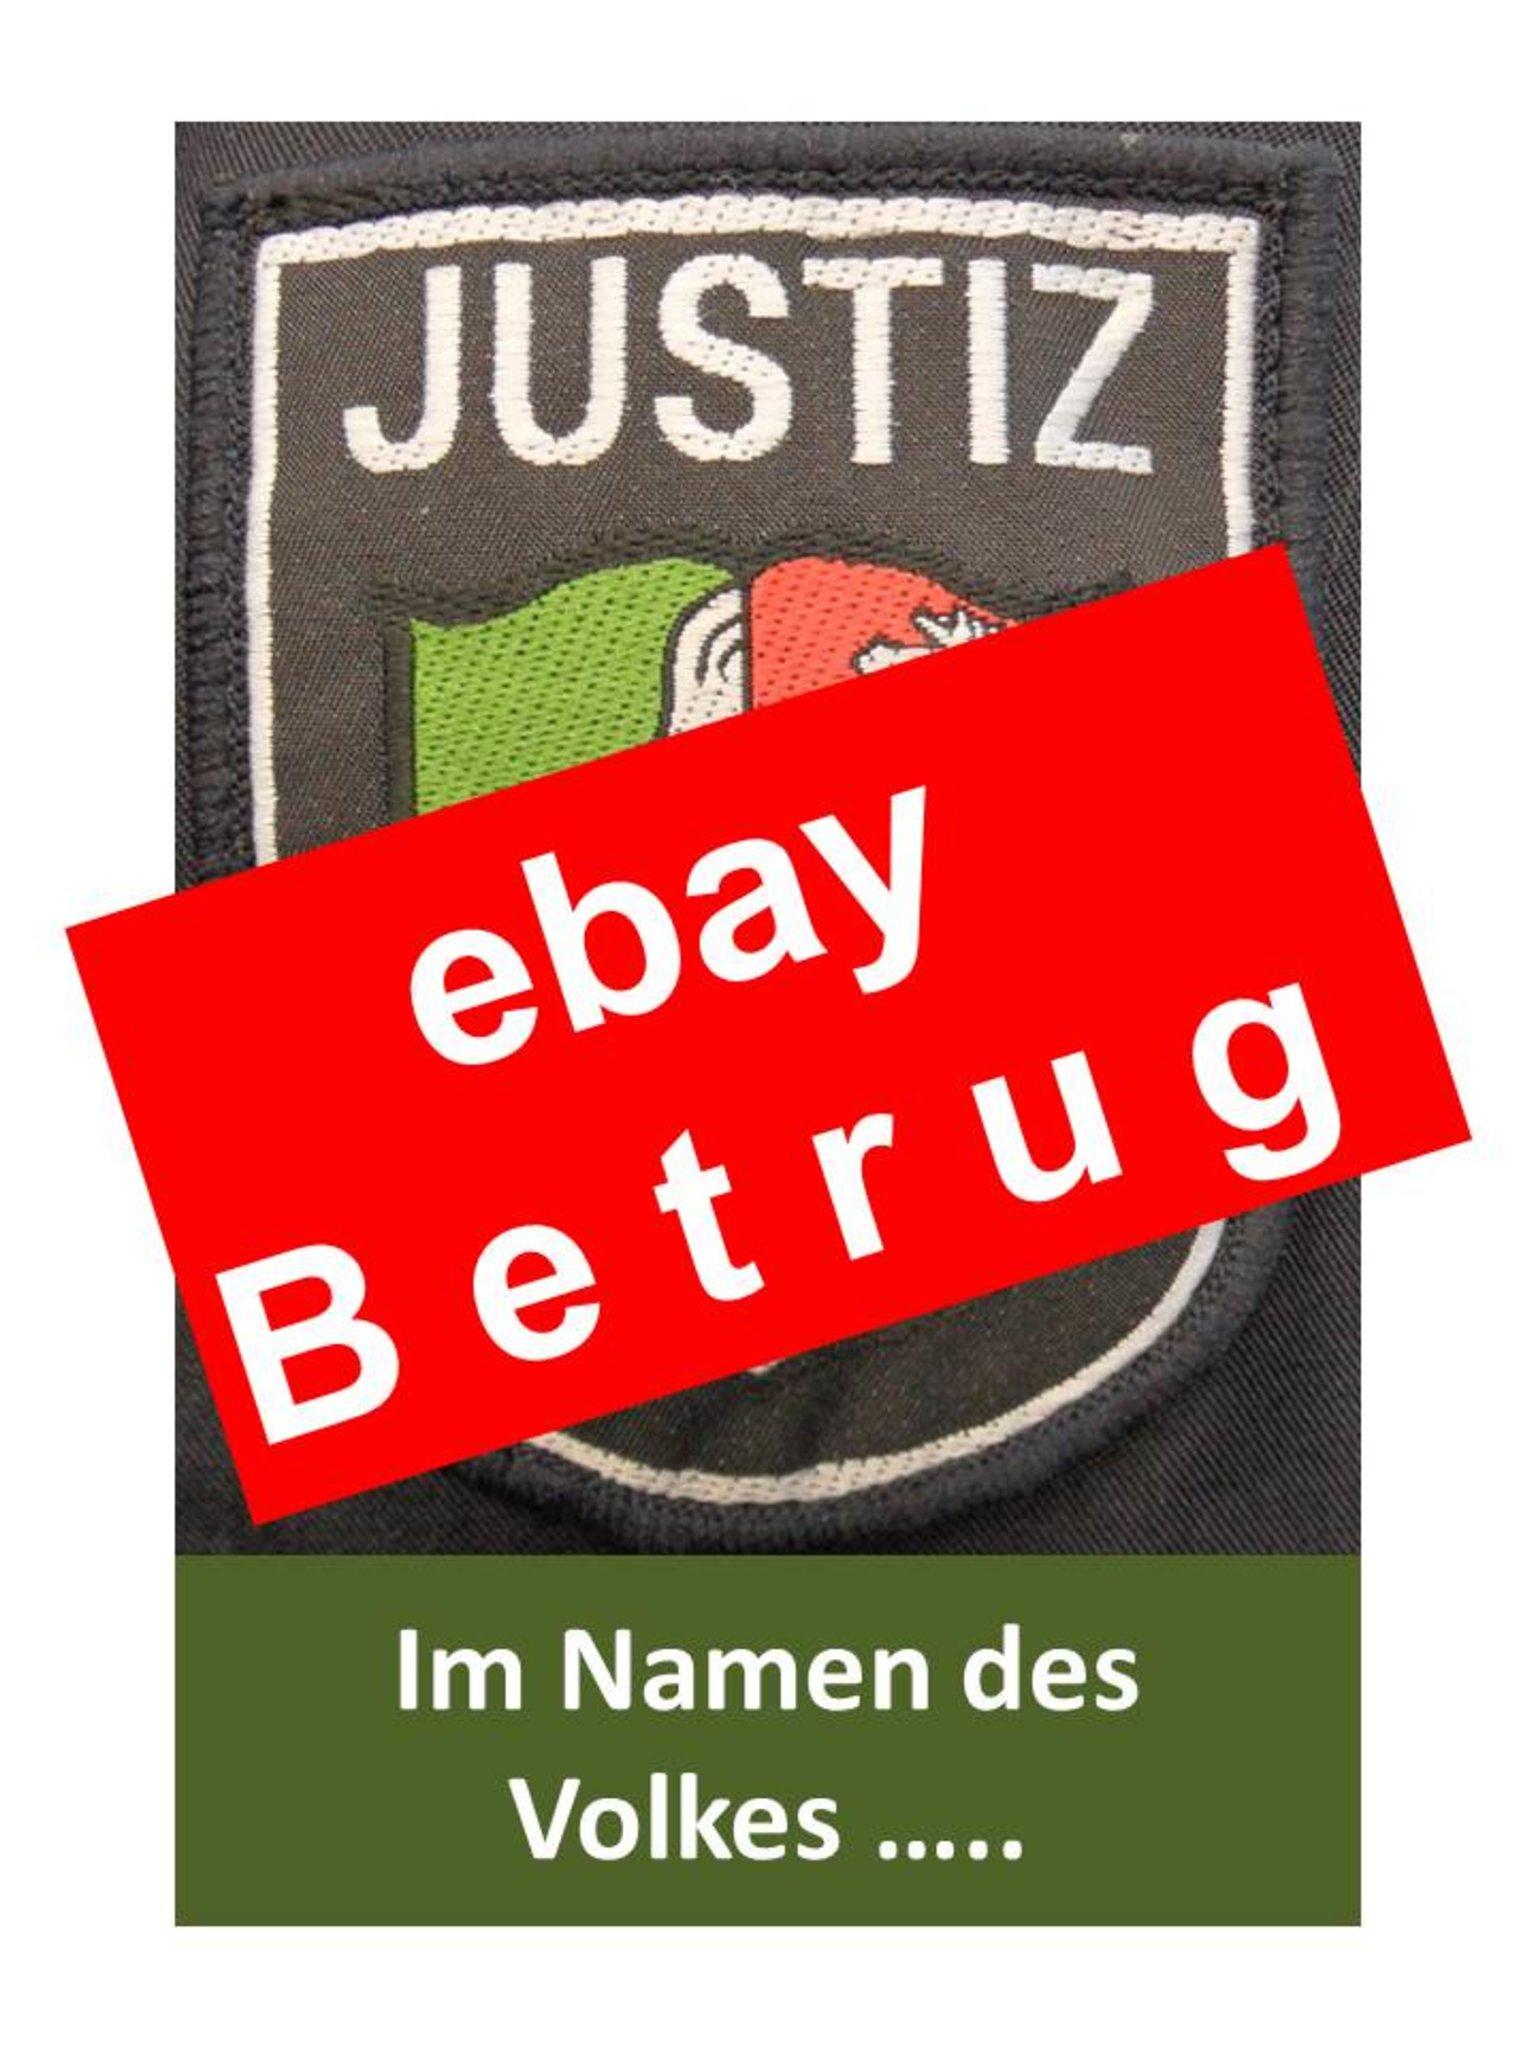 Gerichtsreporter 6 Monate Freiheitsstrafe Wegen Ebay Betrug Bmw